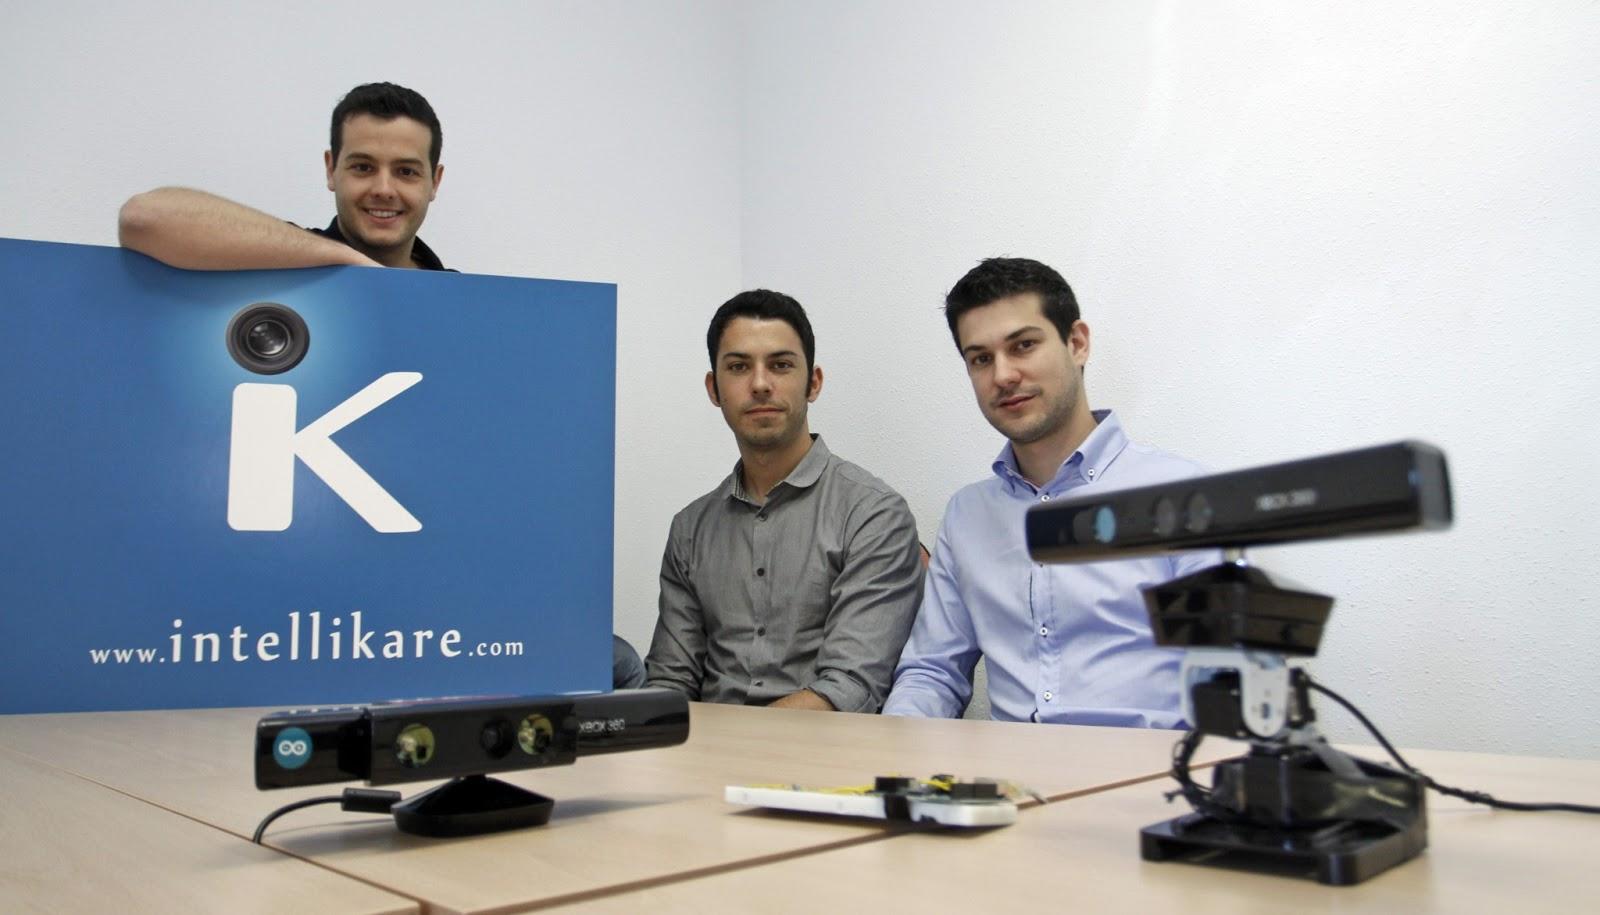 De izquierda a derecha: Miguel Vela, Luis Pérez y Francisco José Sanz, tres de los miembros del equipo de IntelliKare